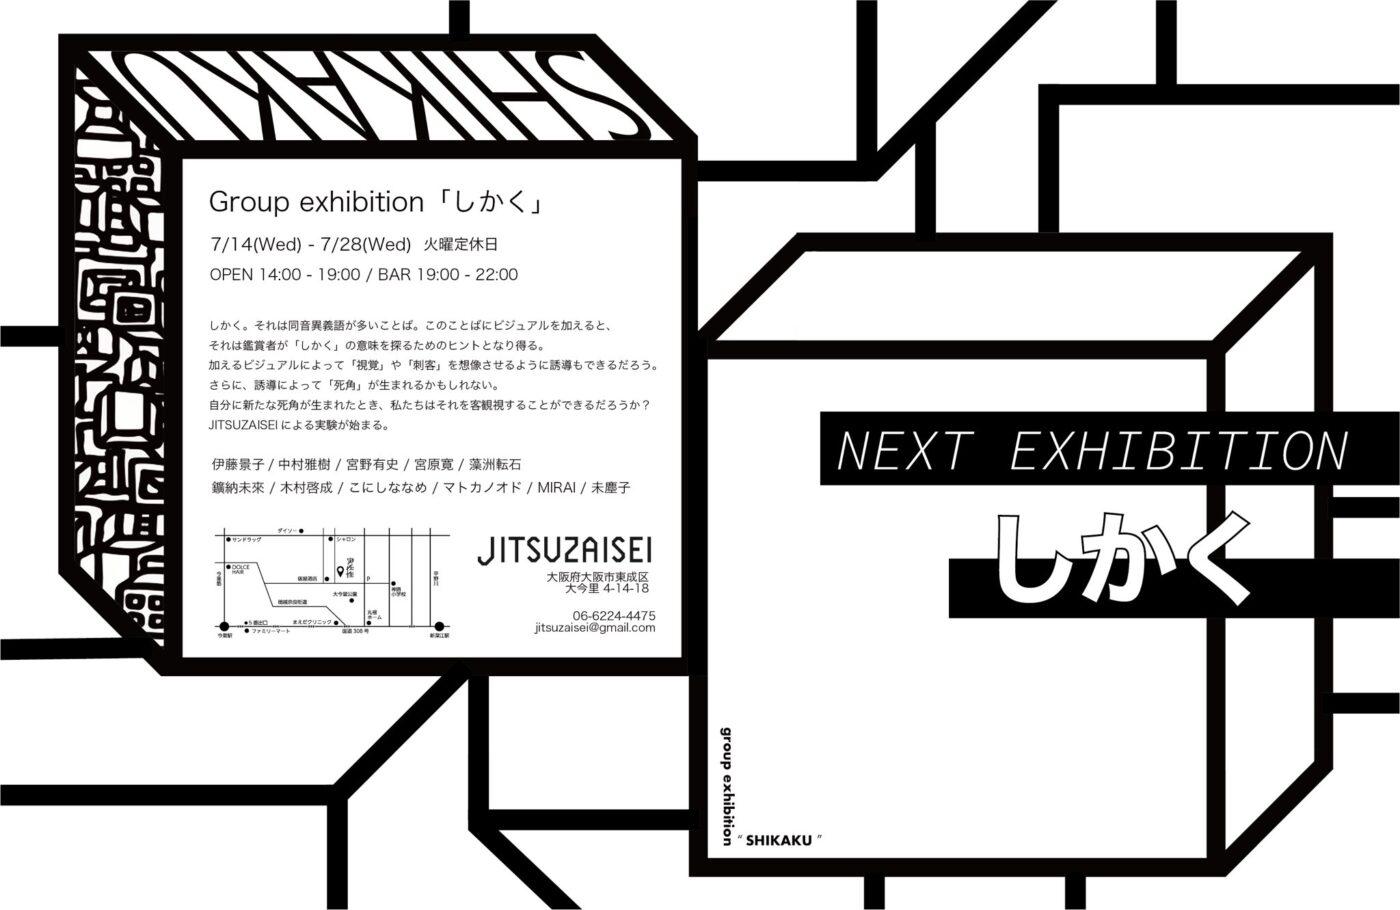 「しかく」がテーマのグループ展、JITSUZAISEIにて。さまざまな表現手法の11人のアーティストが出展。